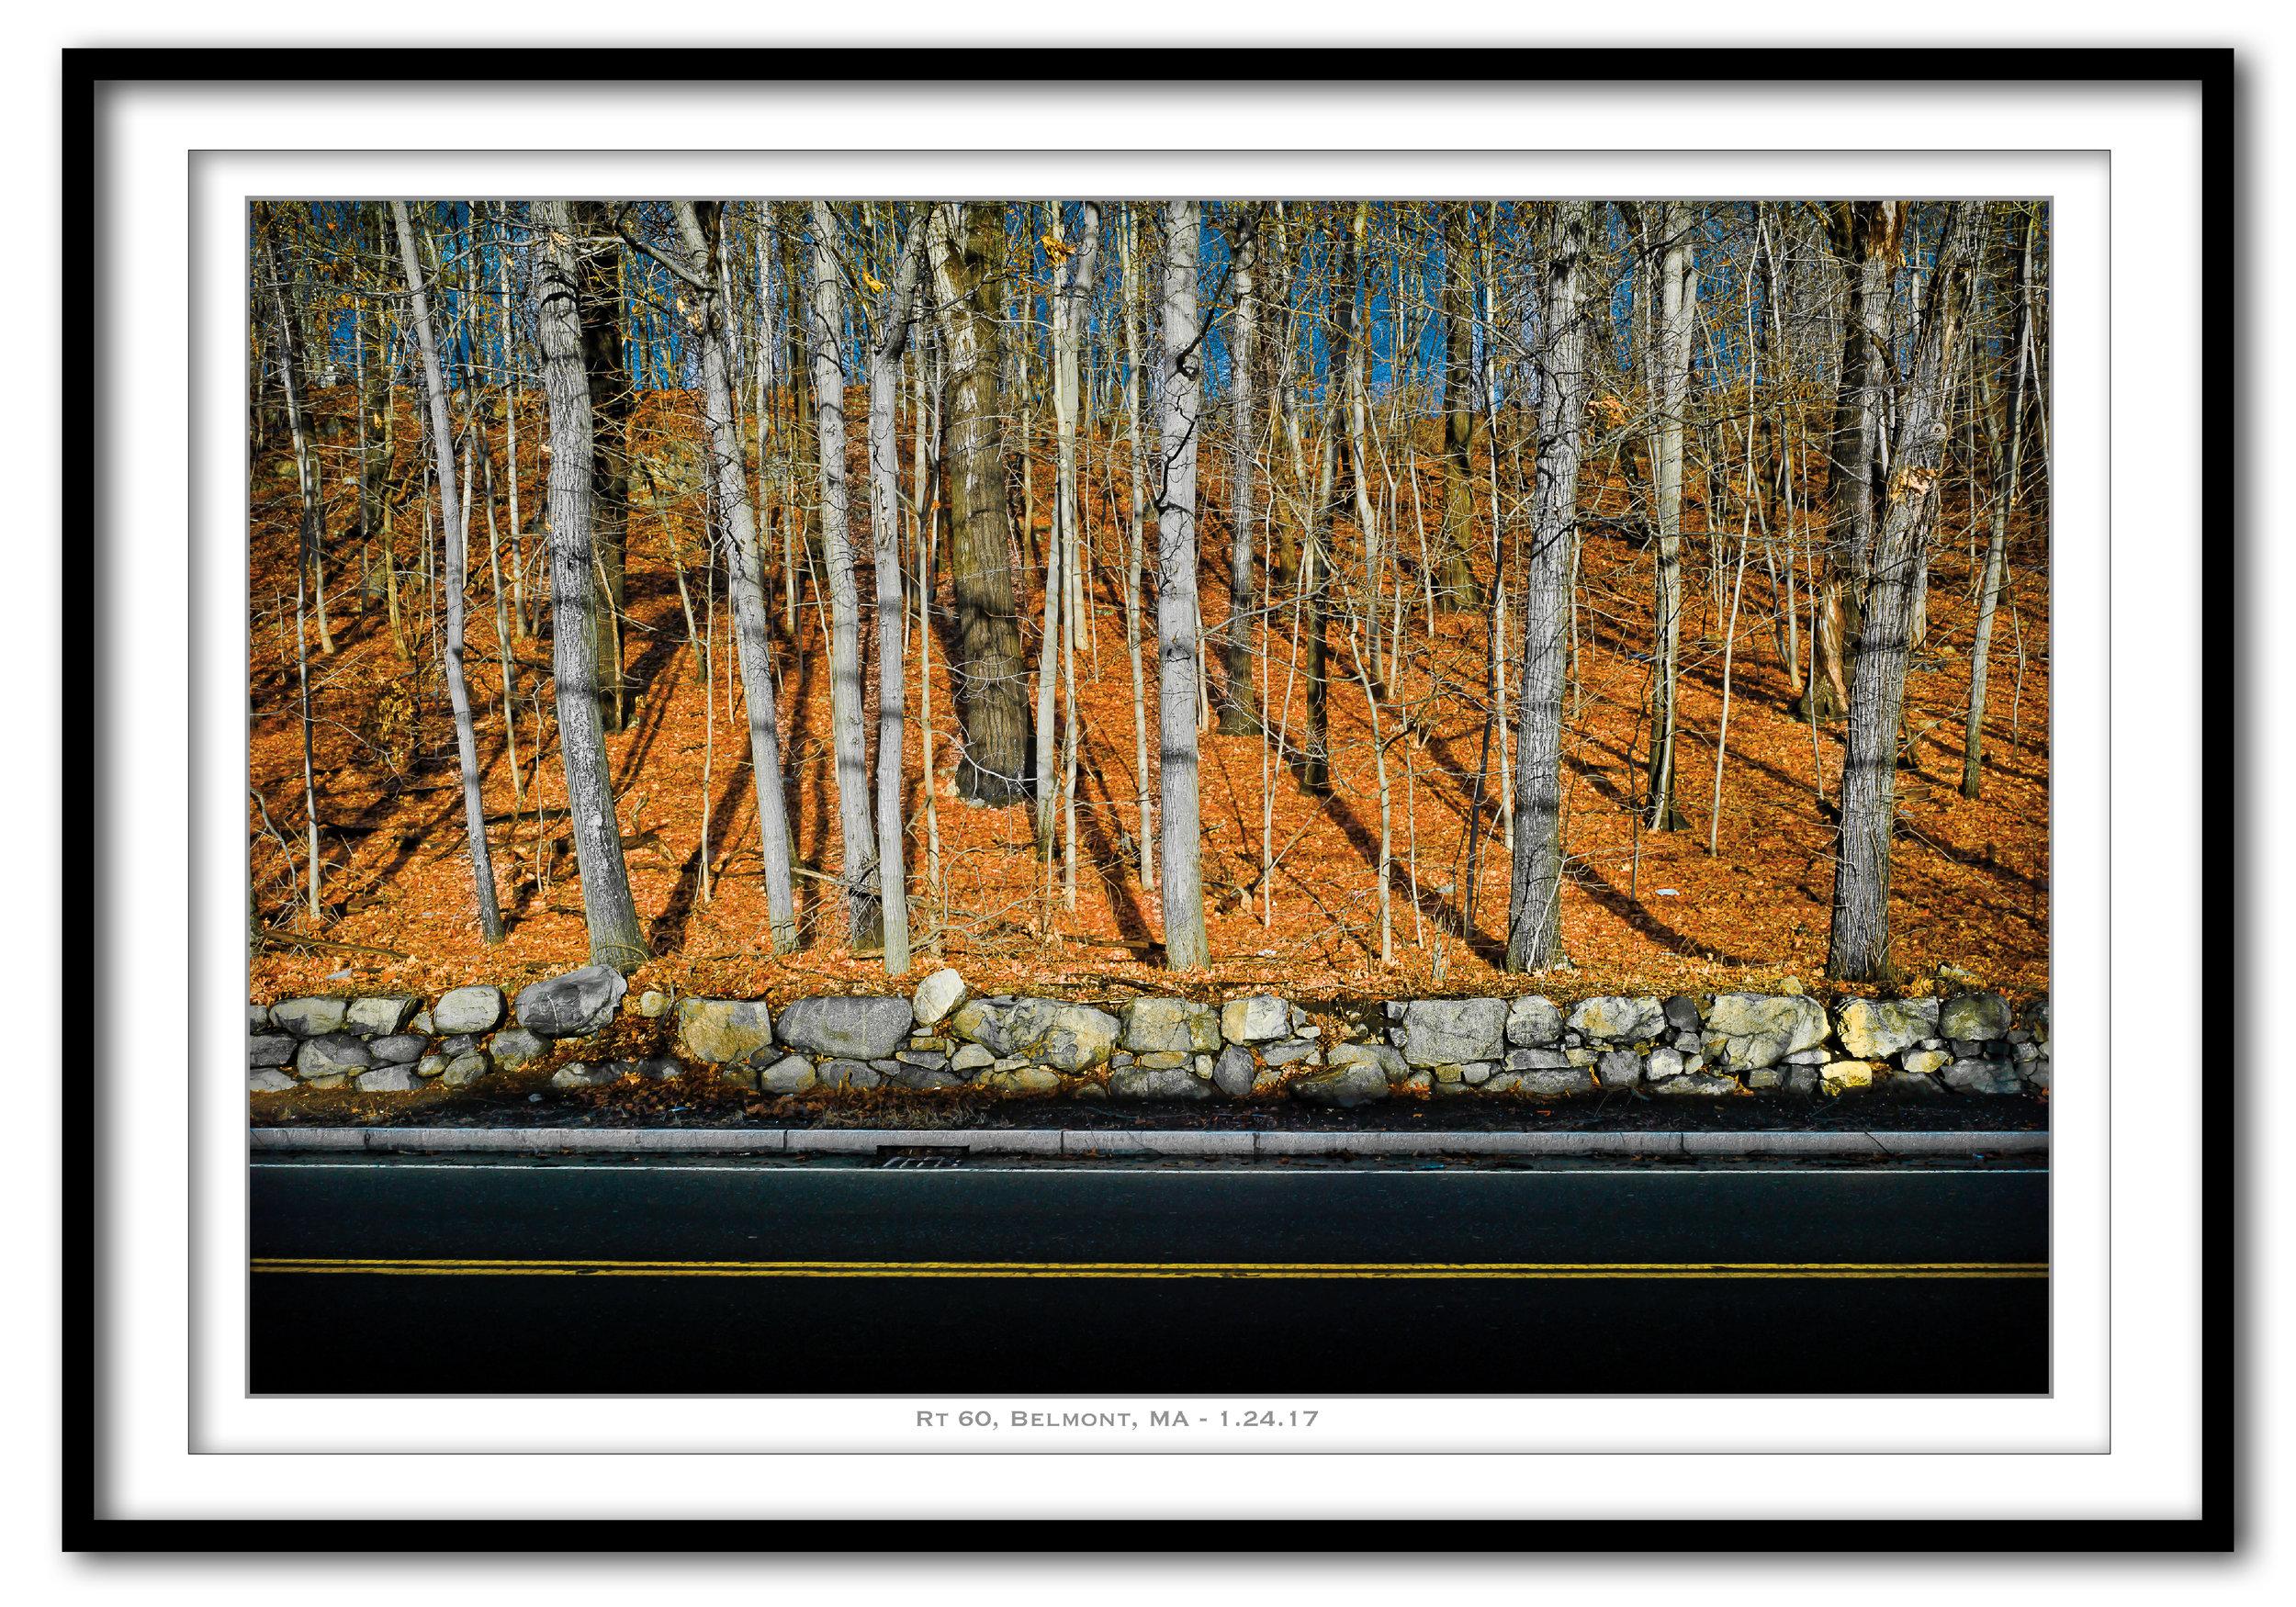 Rt 60 Belmont, MA - 1.24.17 - Framed.jpg